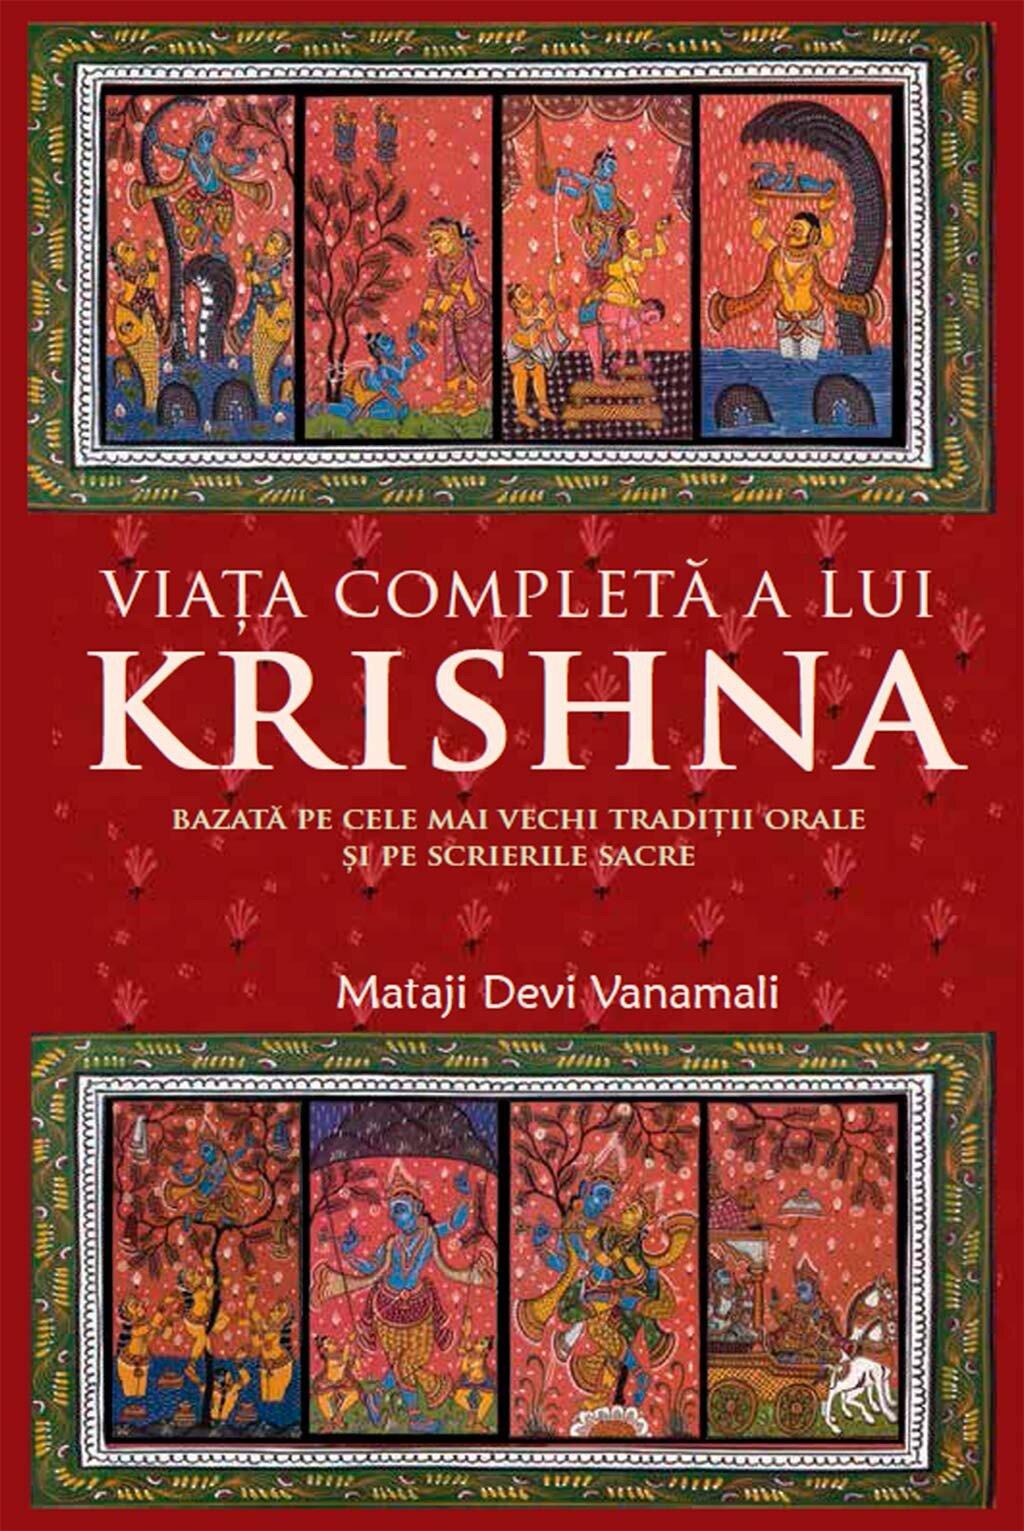 Viata completa a lui Krishna PDF (Download eBook)